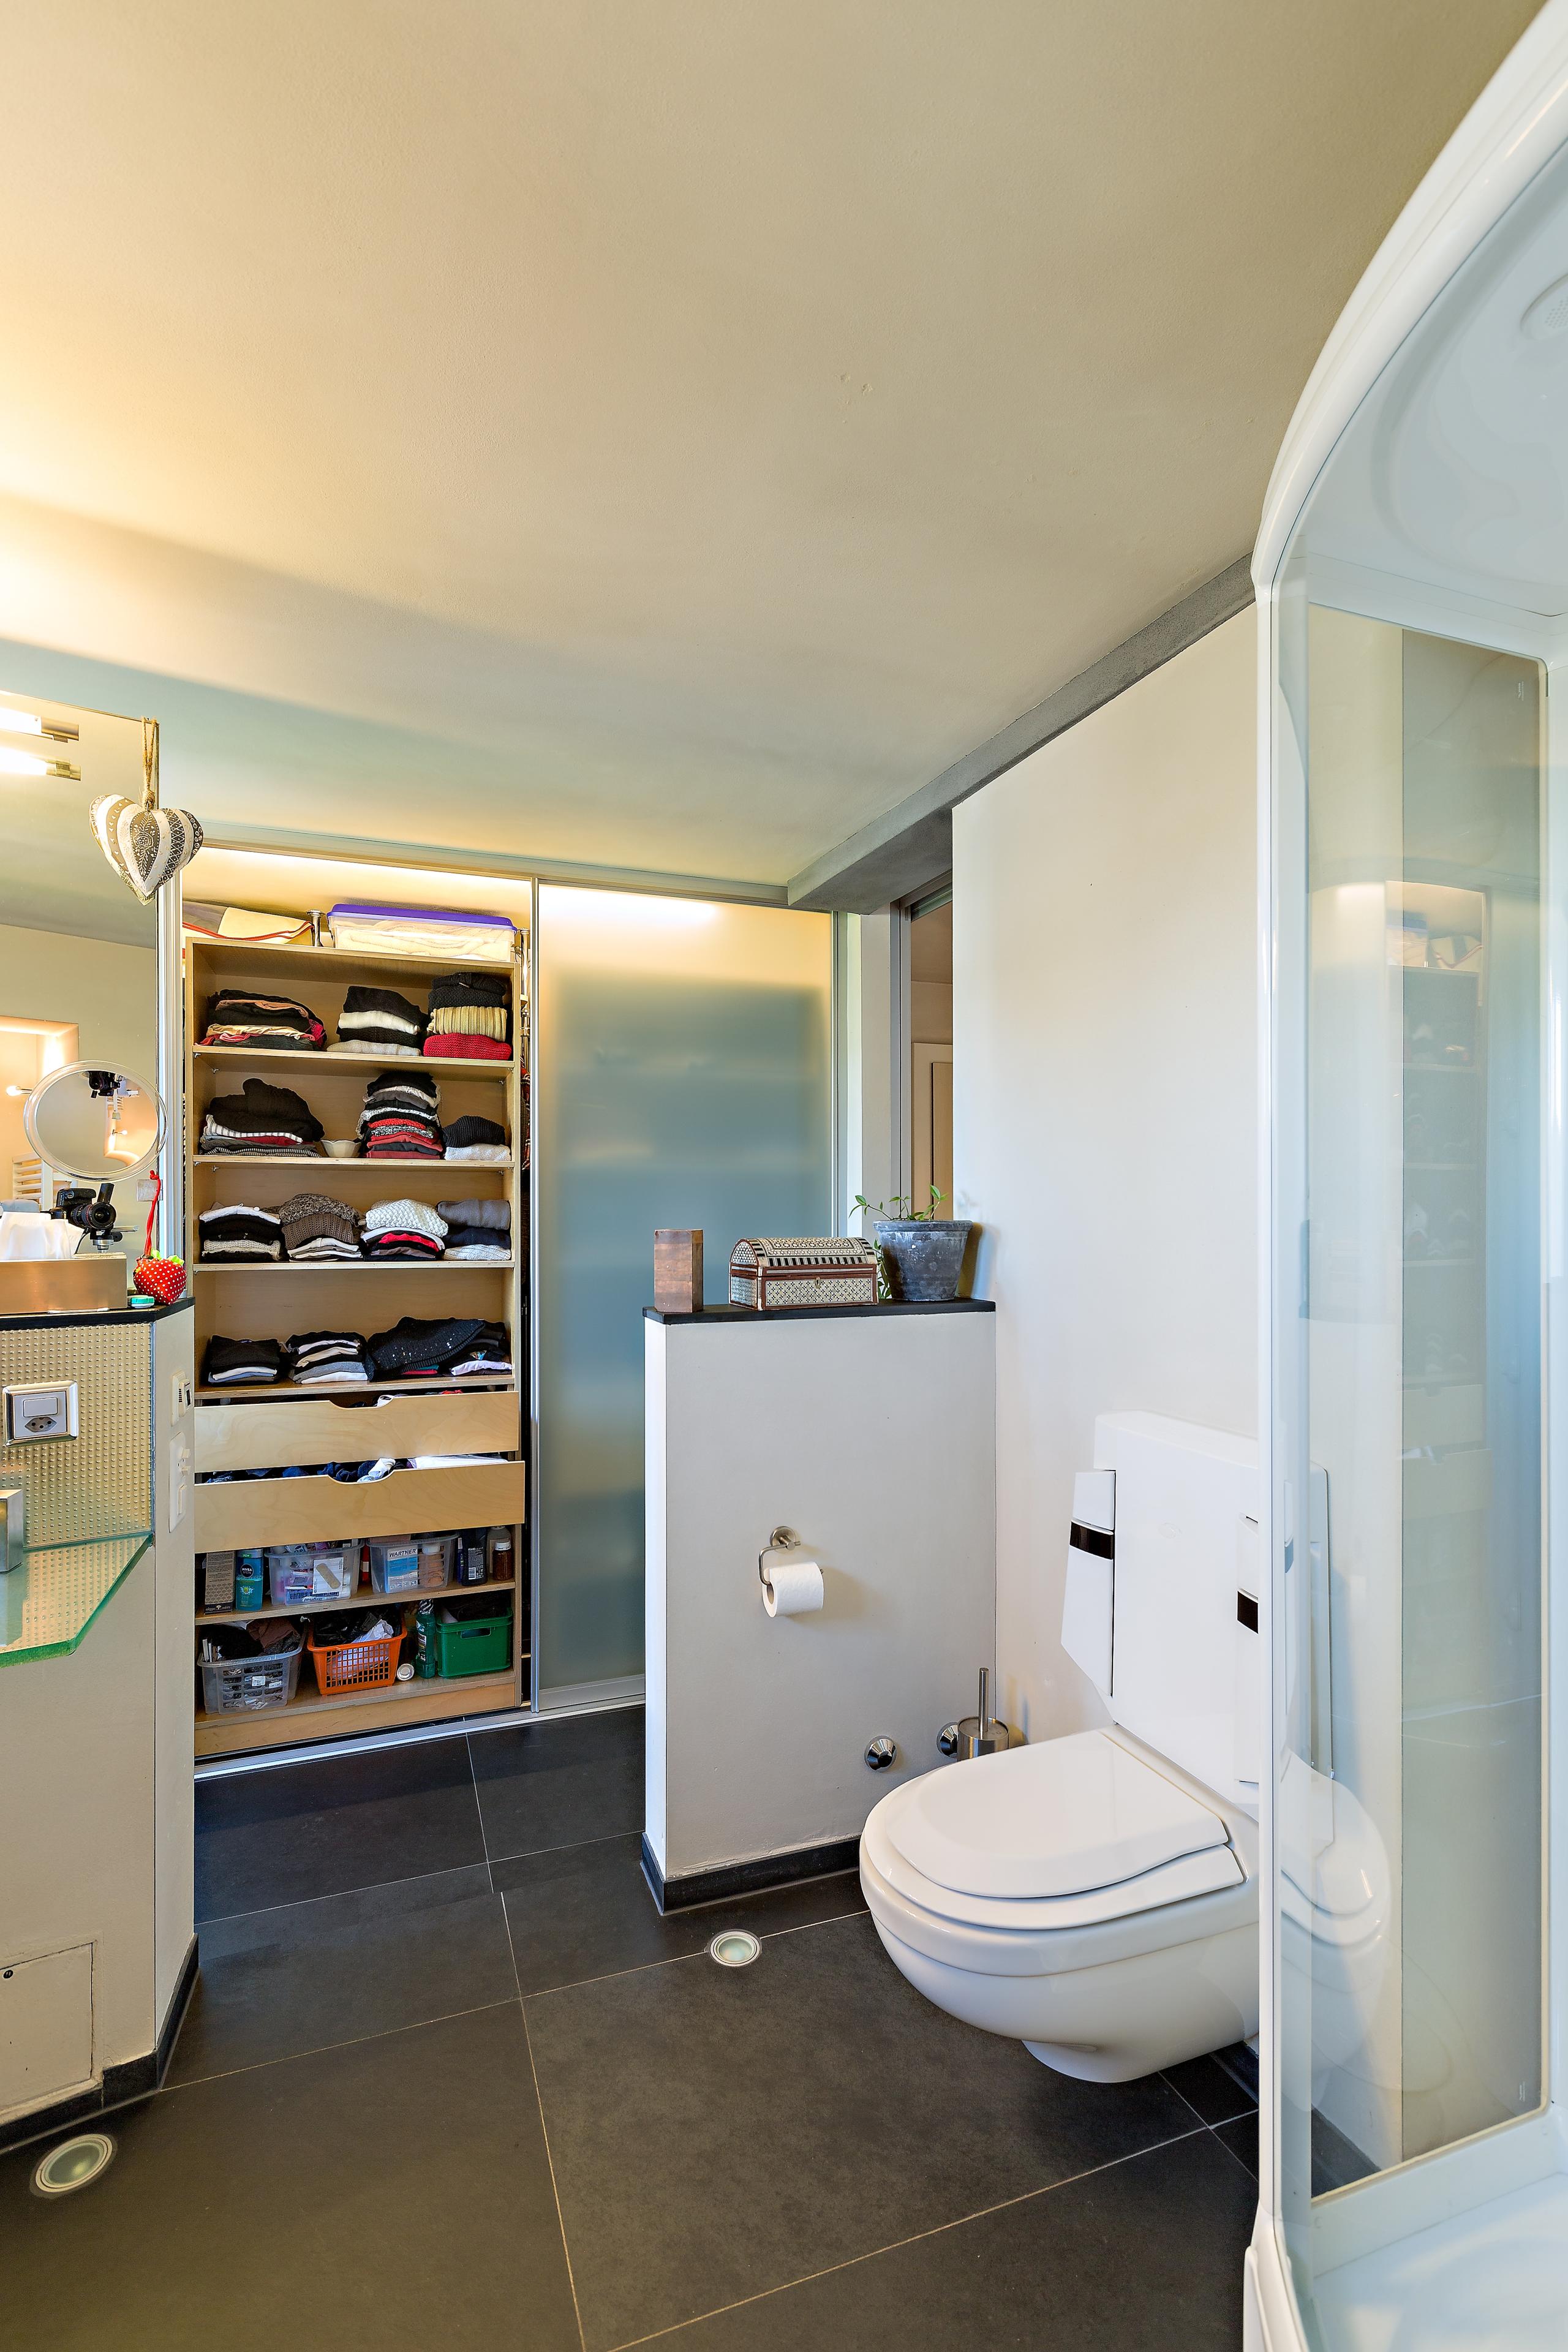 schiebet renschrank im bad in doppelter tiefe auf zu. Black Bedroom Furniture Sets. Home Design Ideas